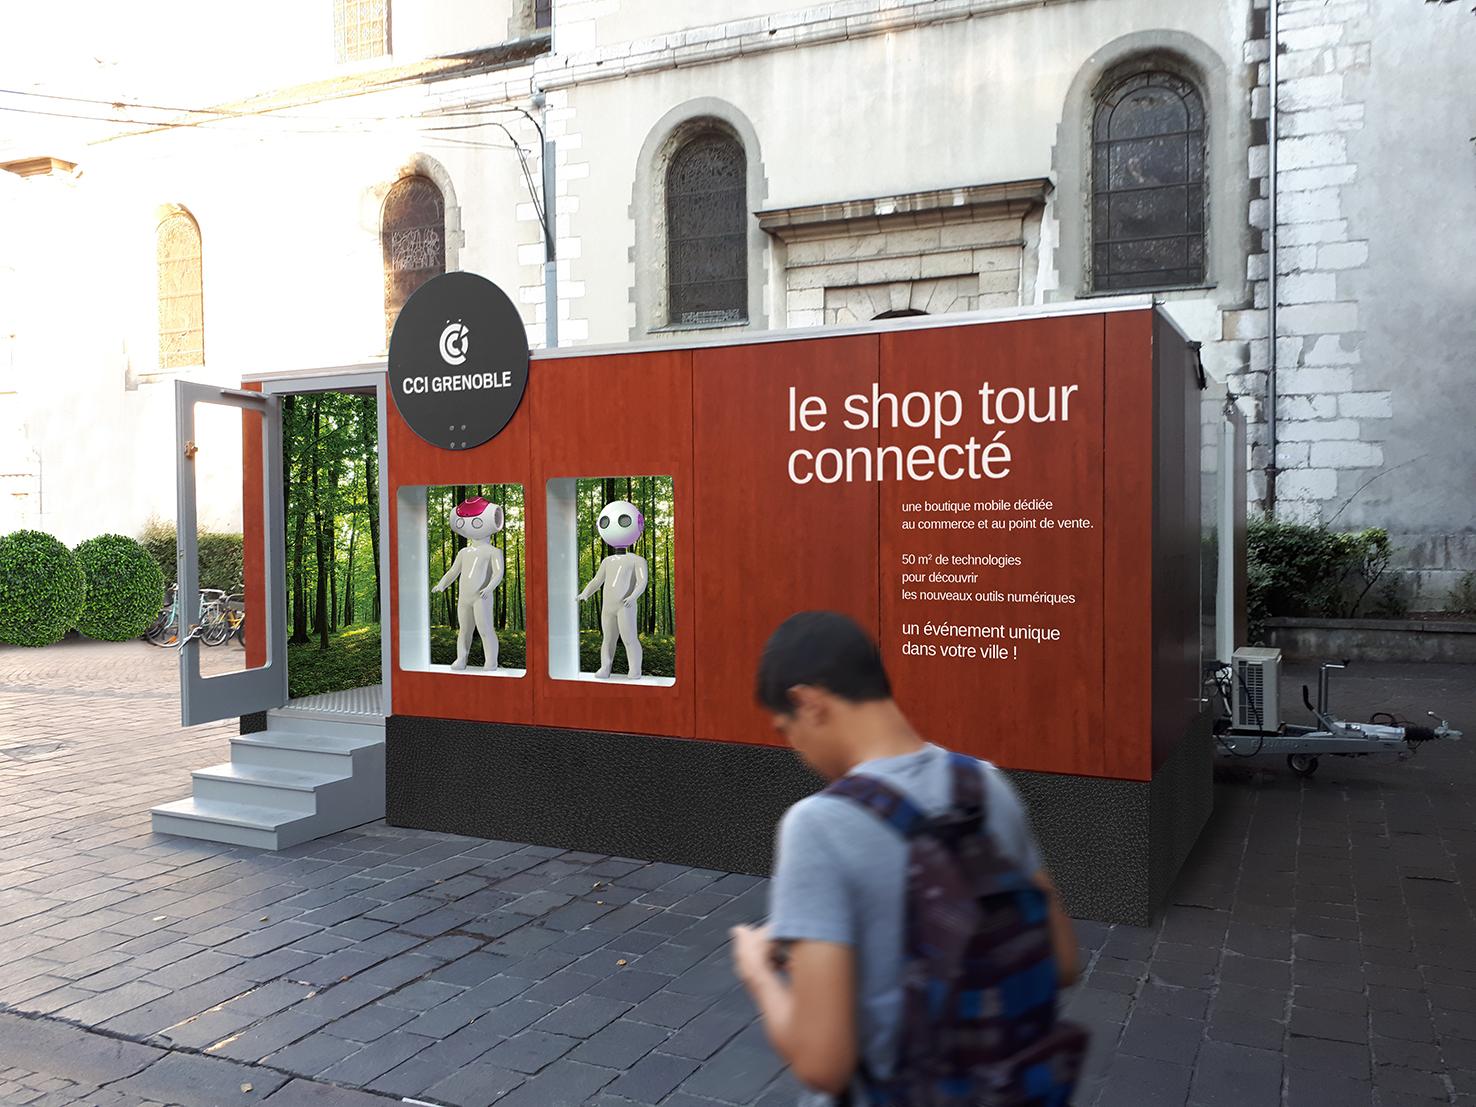 Le Tour Connecté showroom mobile, CCI Grenoble bdf